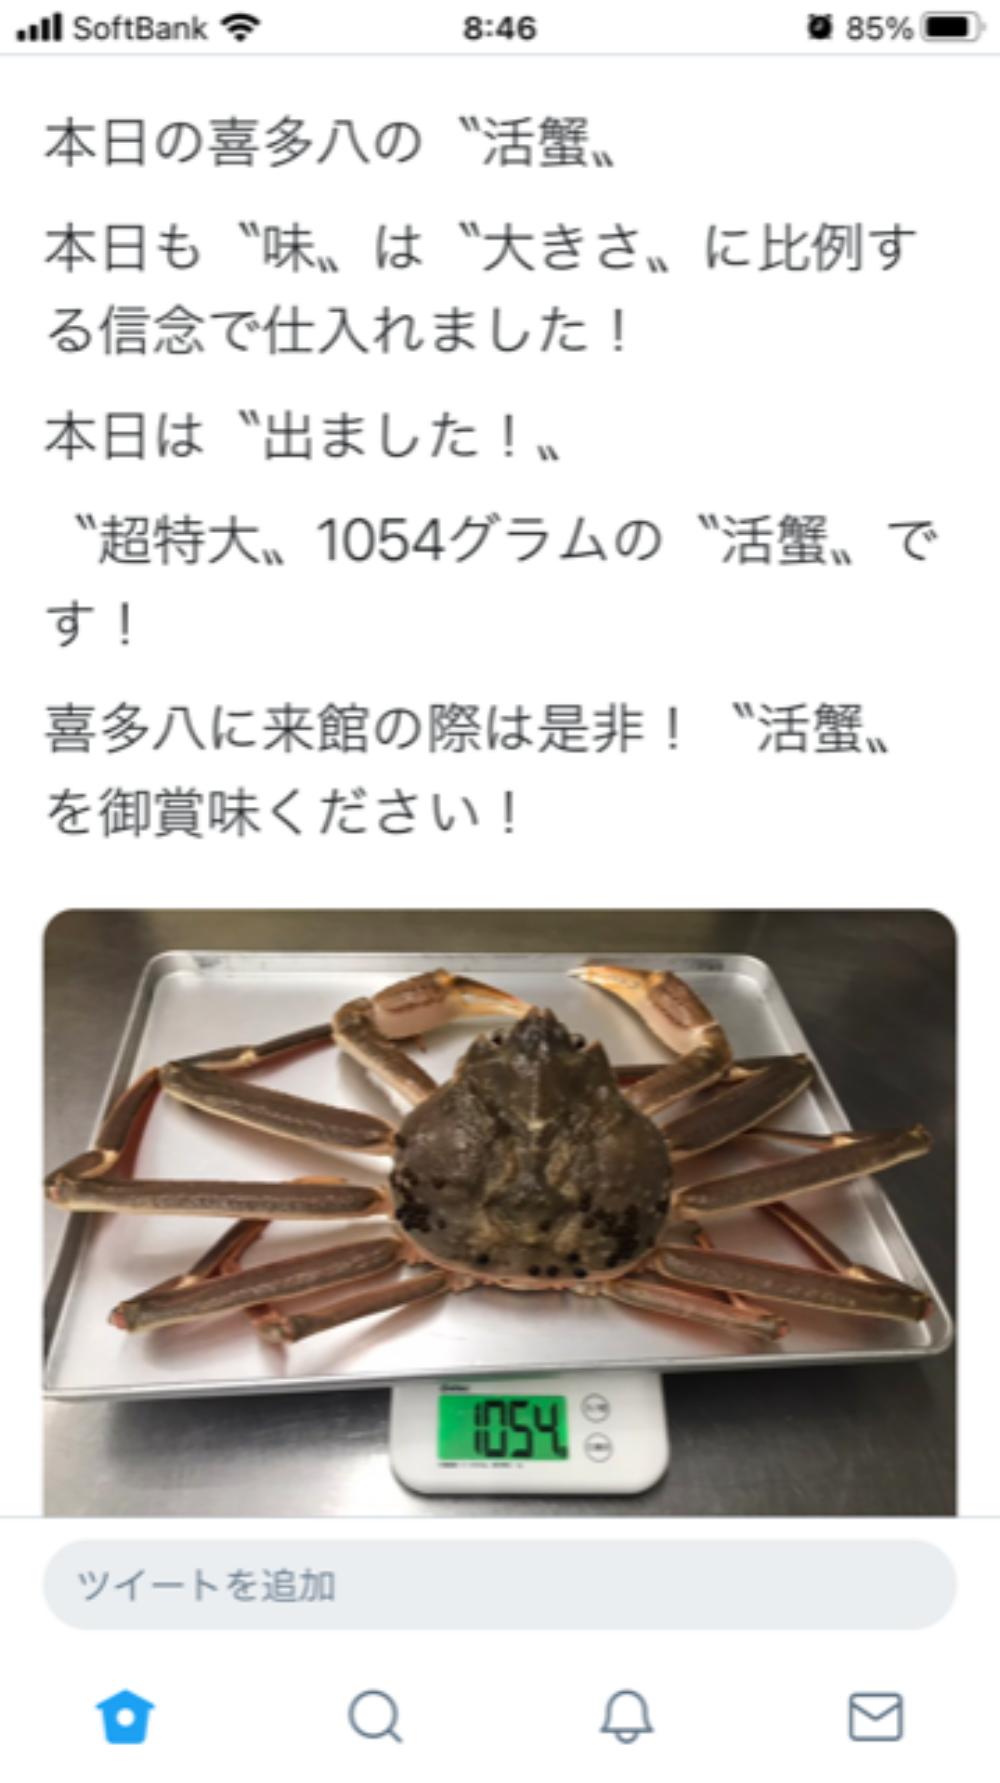 喜多八総支配人のブログ